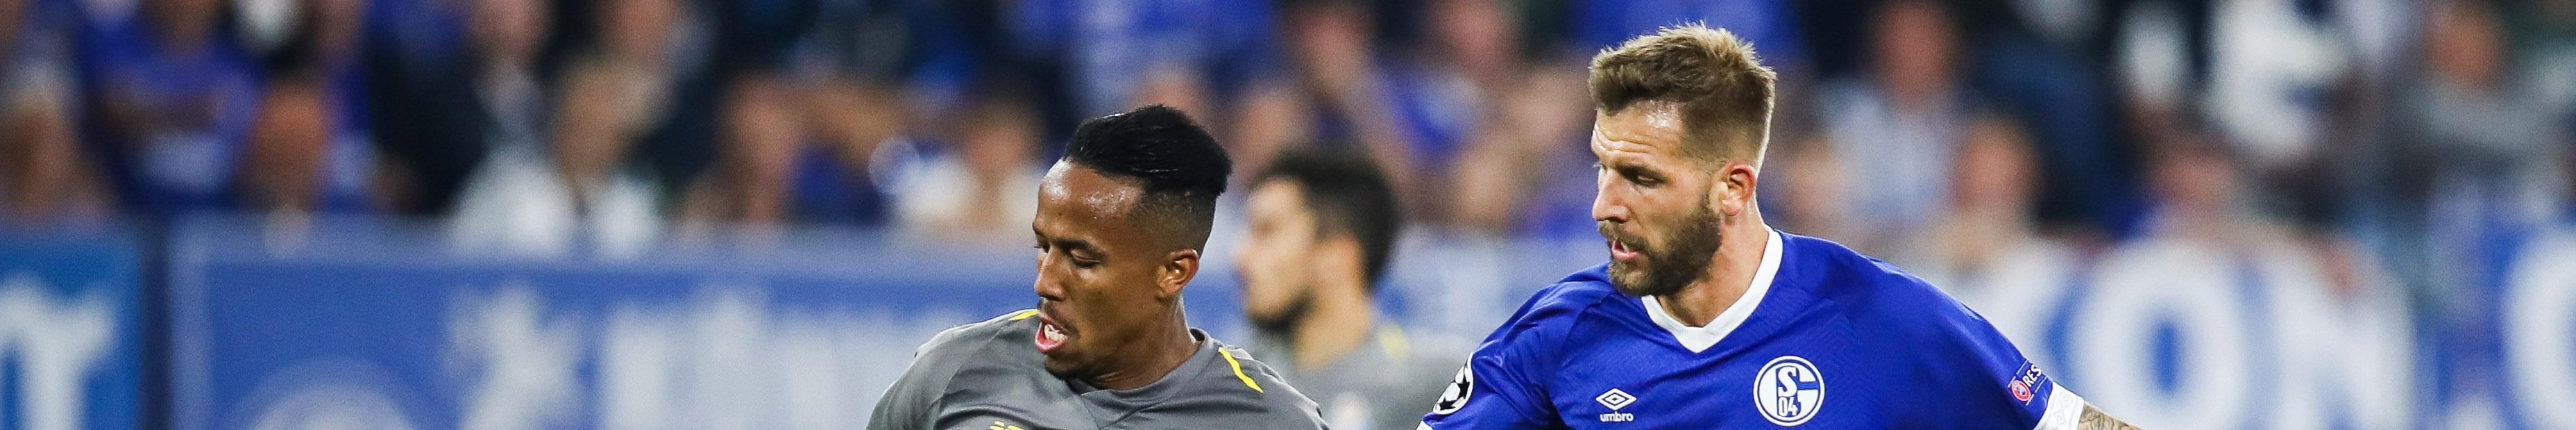 FC Porto - Schalke 04: Das Weiterkommen wieder in Porto klarmachen